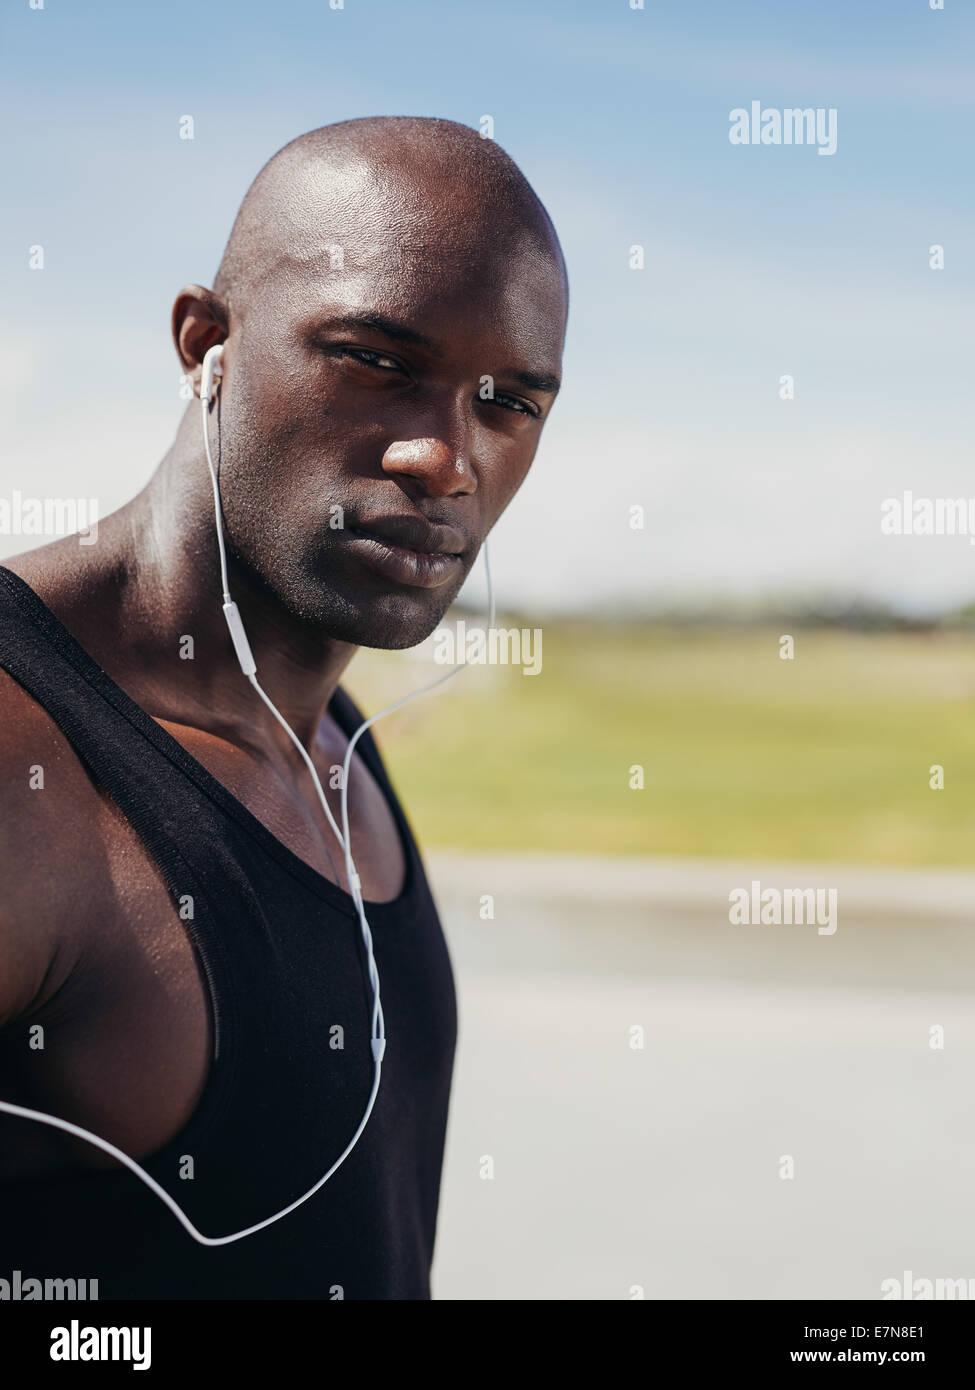 Immagine del bel giovane uomo che indossa gli auricolari guardando la fotocamera. African maschio modello all'esterno. Immagini Stock